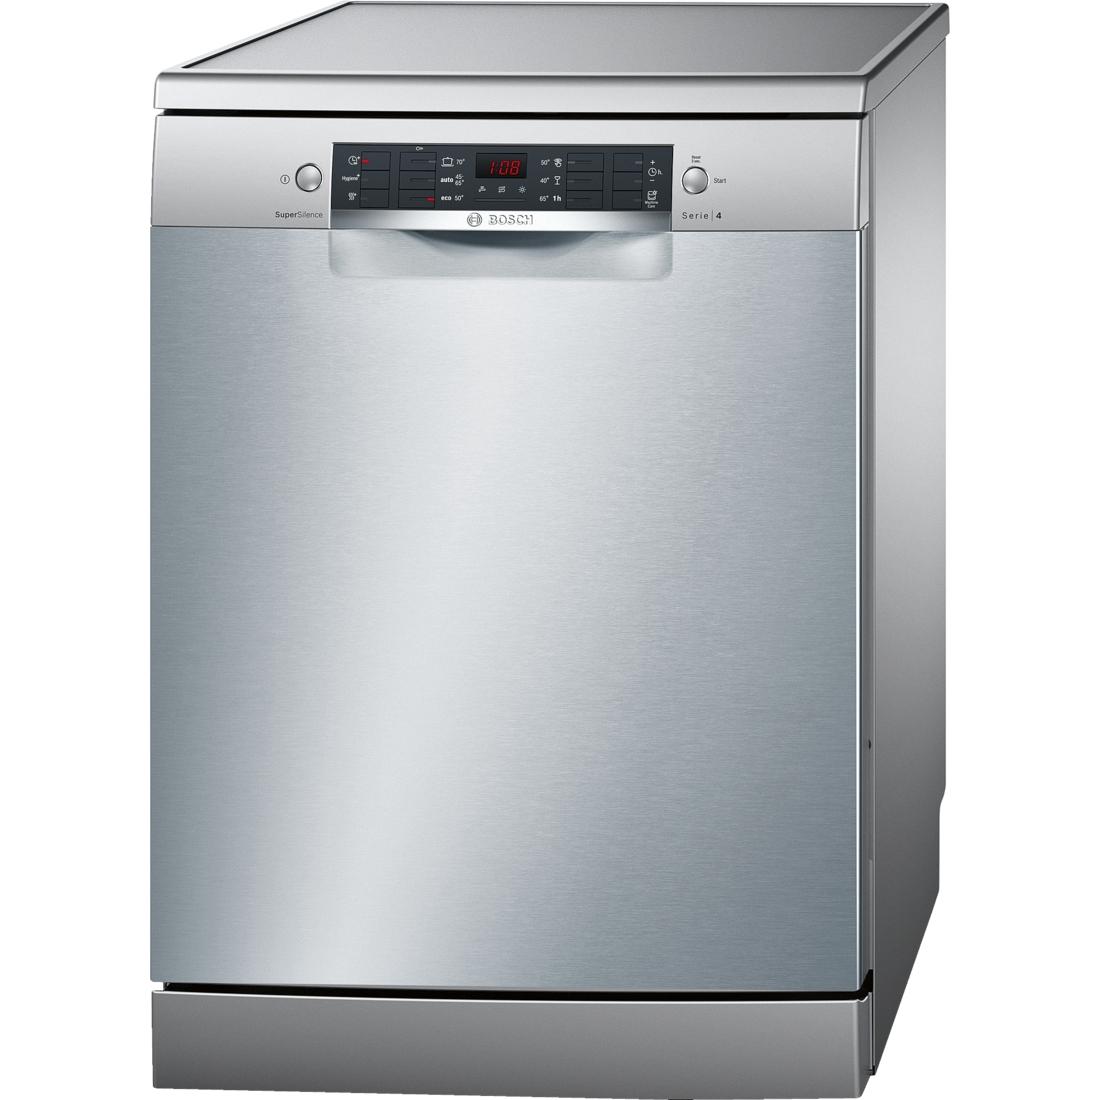 Đánh giá thực tế máy rửa bát Bosch SMS46II04E May-rua-bat-Bosch-SMS46II04E---Cong-nghe-hien-dai-hoan-hao-cho-moi-khong-gian-bep